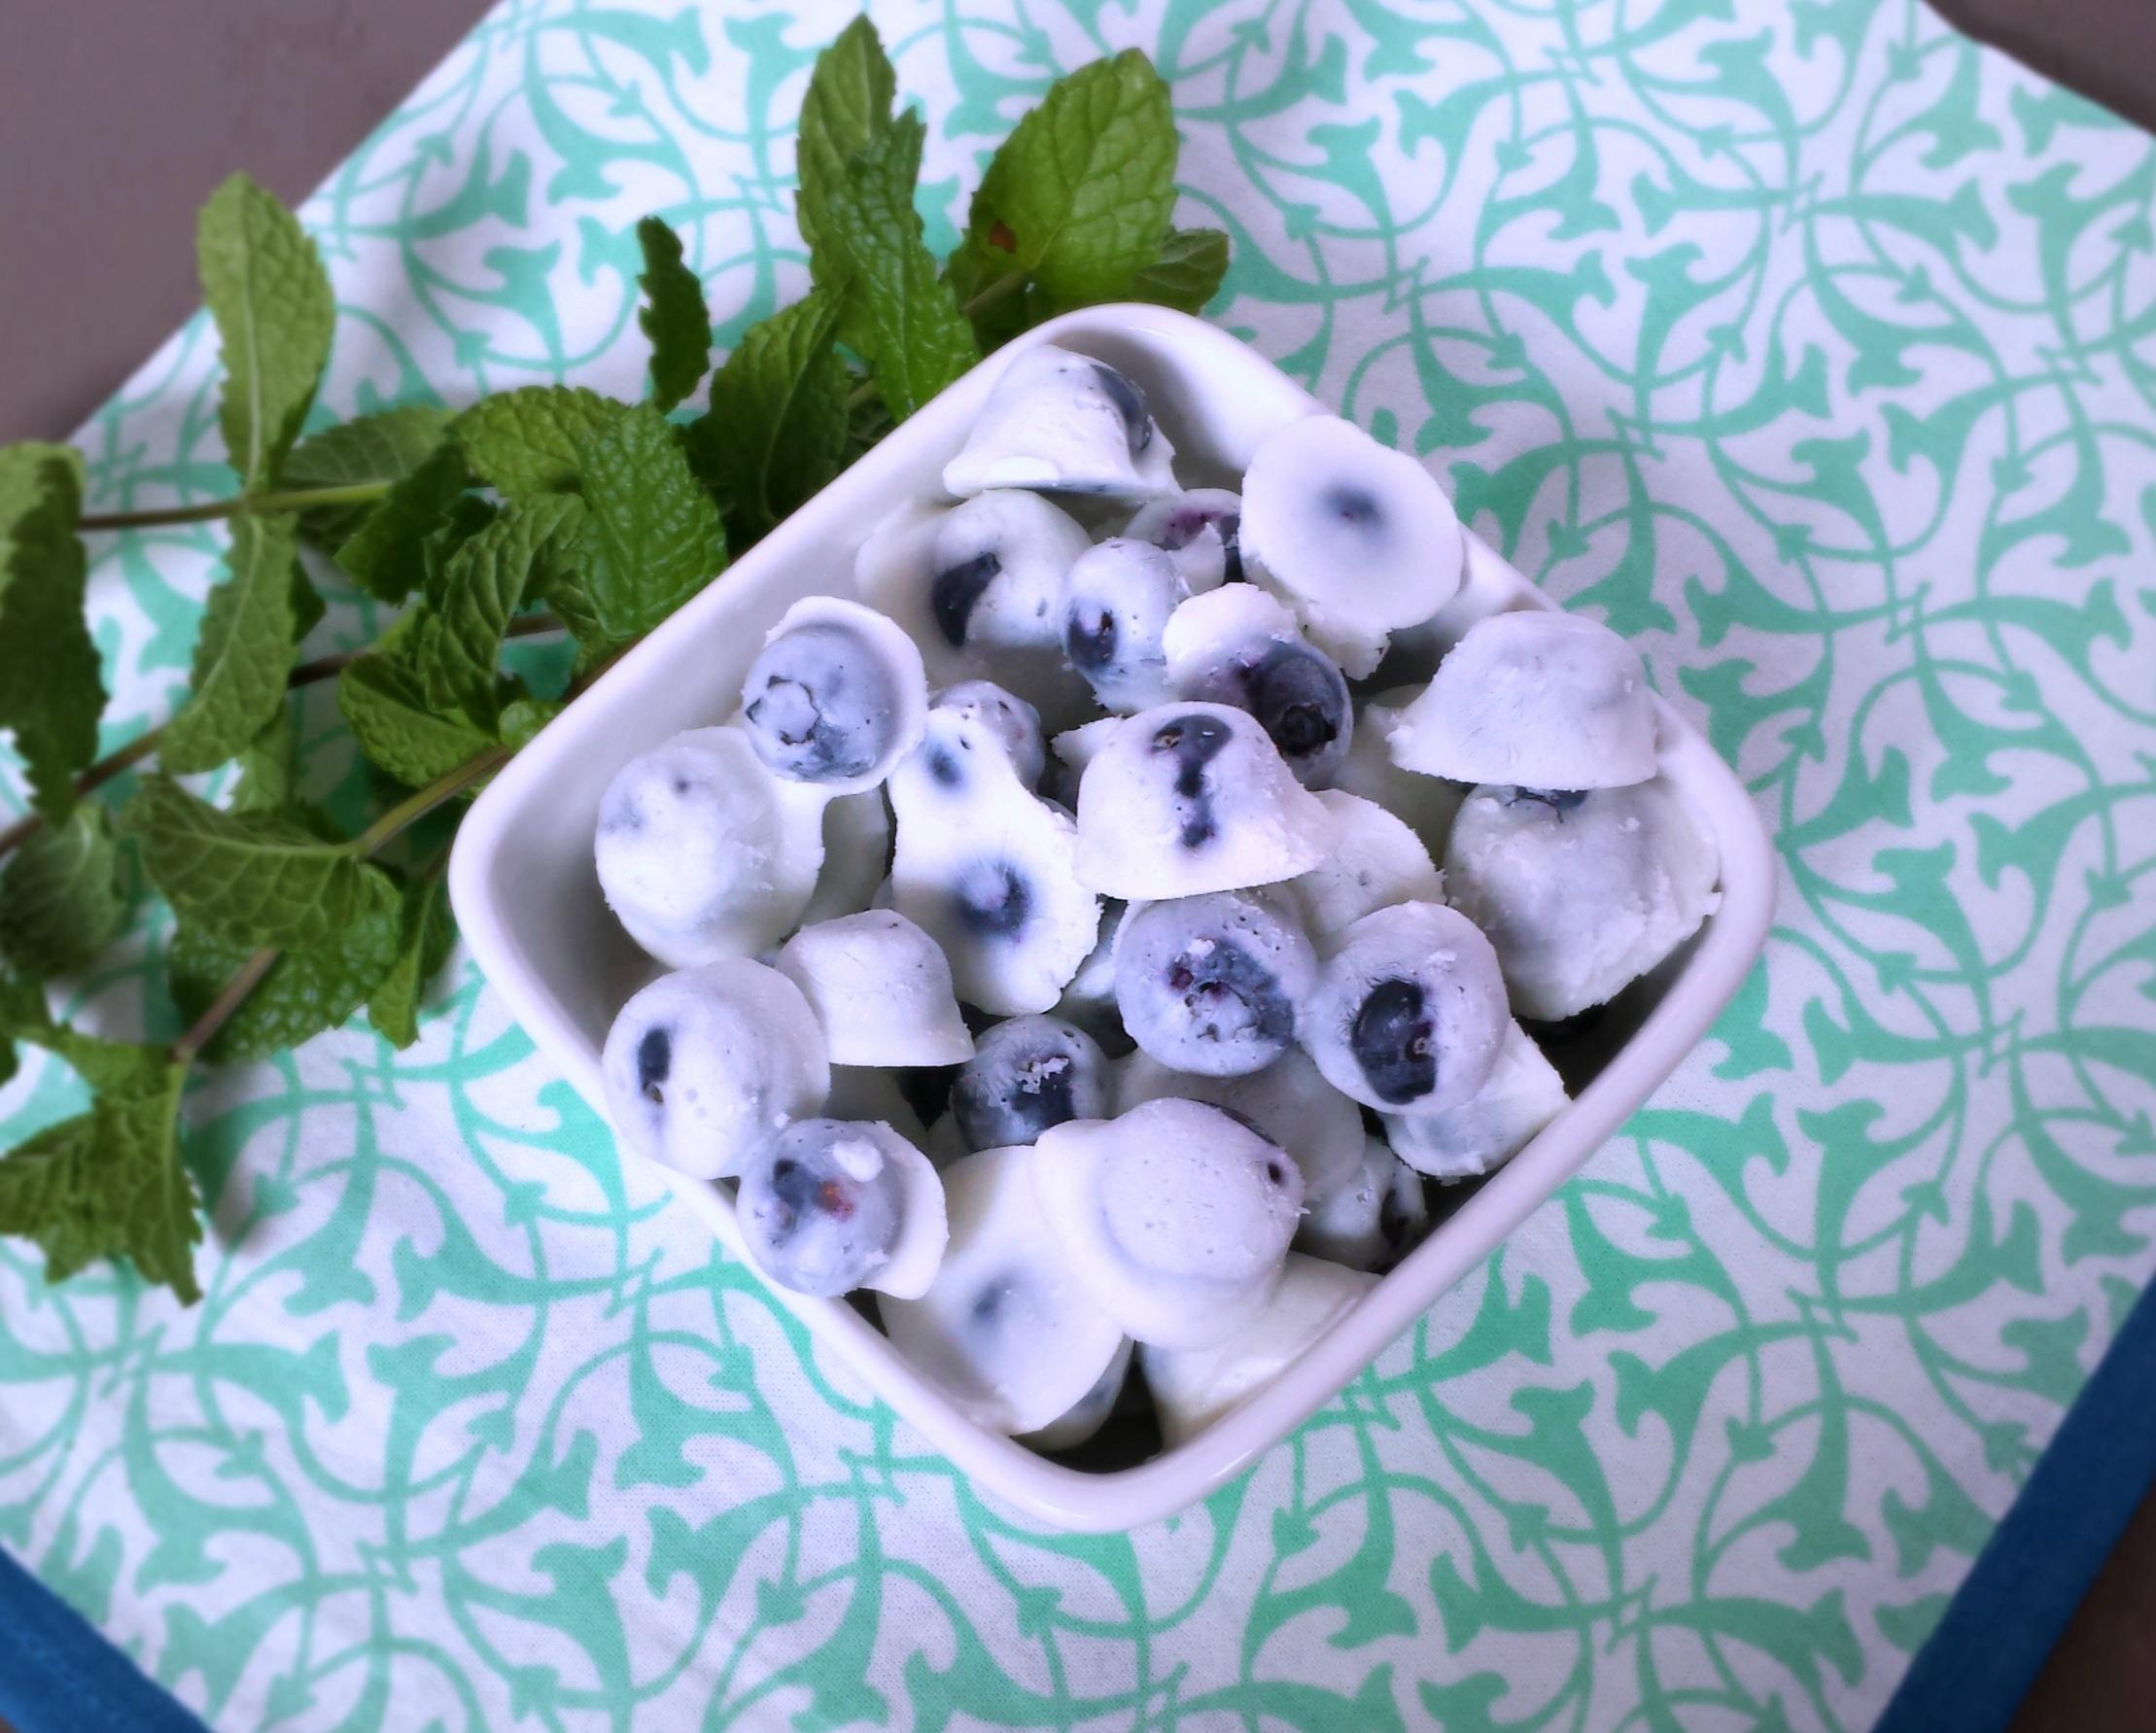 Frozen Greek Yogurt Whole Foods